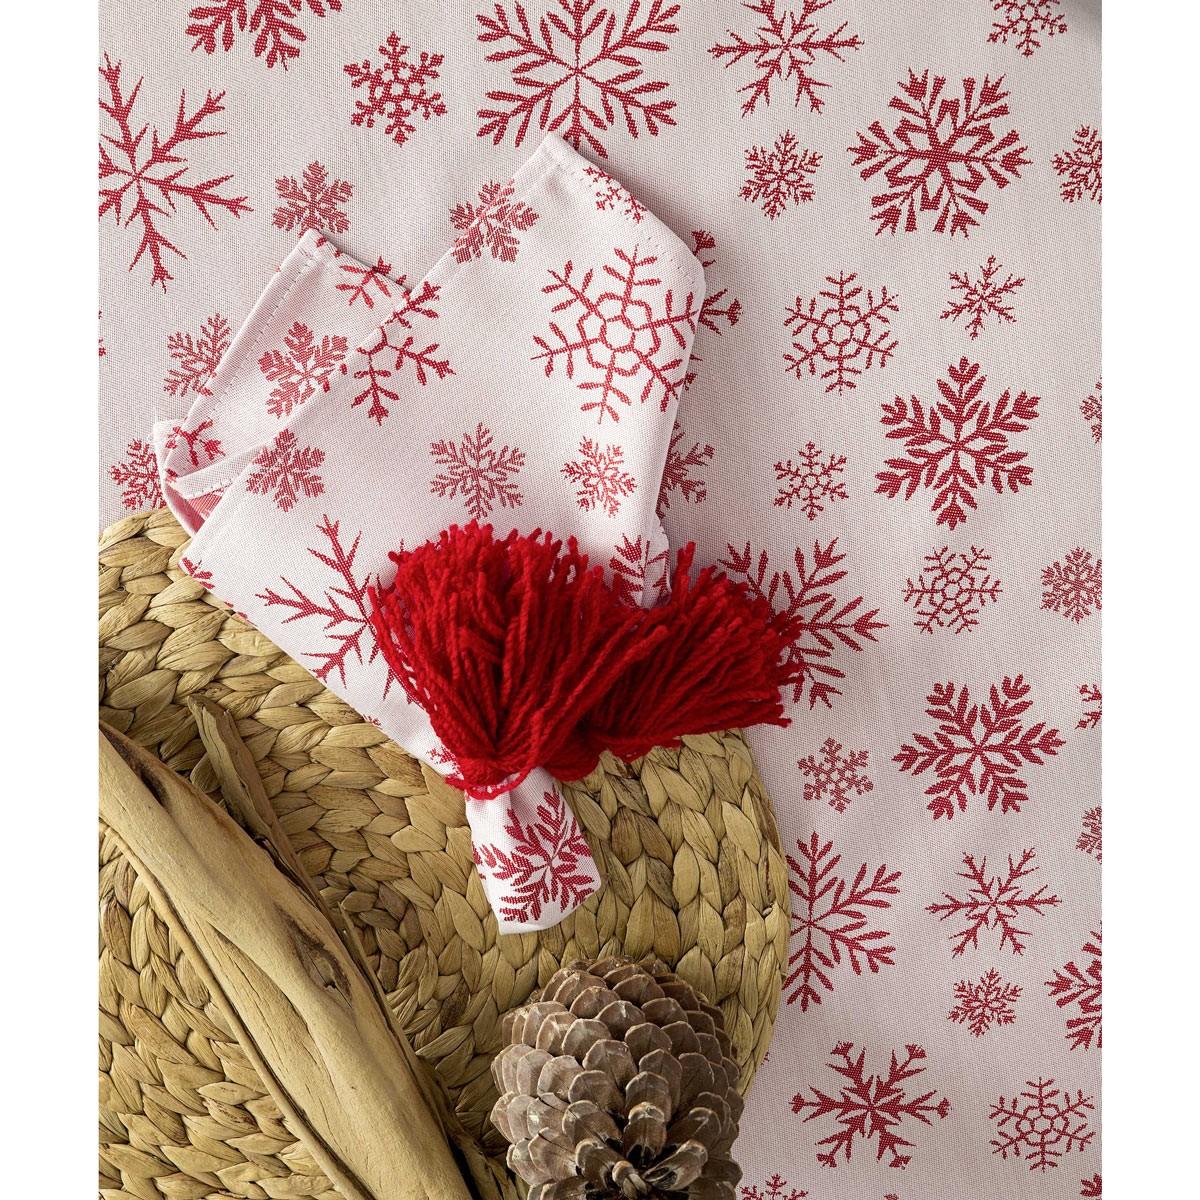 Χριστουγεννιάτικες Πετσέτες Φαγητού (Σετ 4τμχ) Nima Noel Red home   χριστουγεννιάτικα   χριστουγεννιάτικα σουπλά